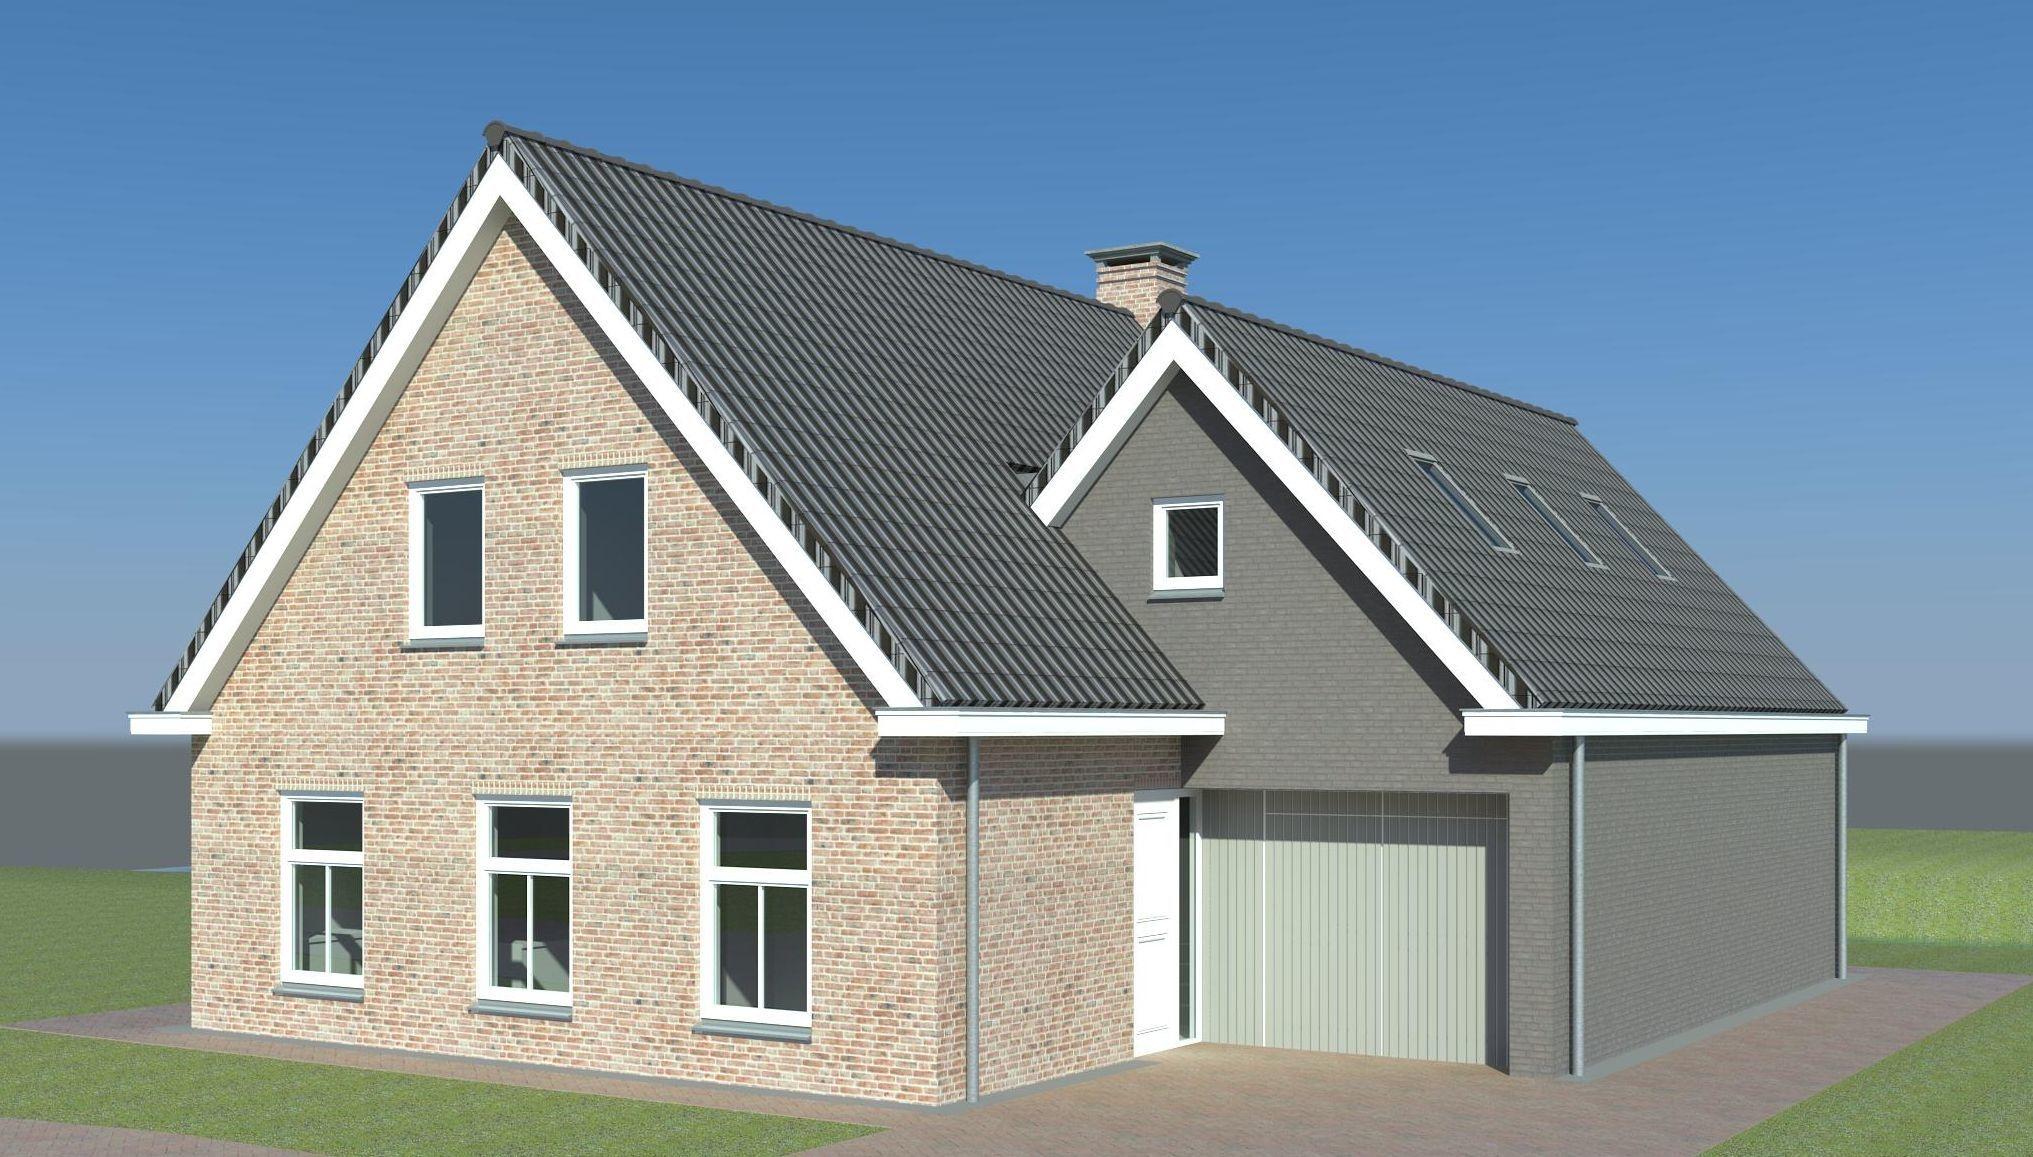 Huis Bouwen Prijs : Vrijstaande garage bouwen prijs. ervaringen met het bouwen van een